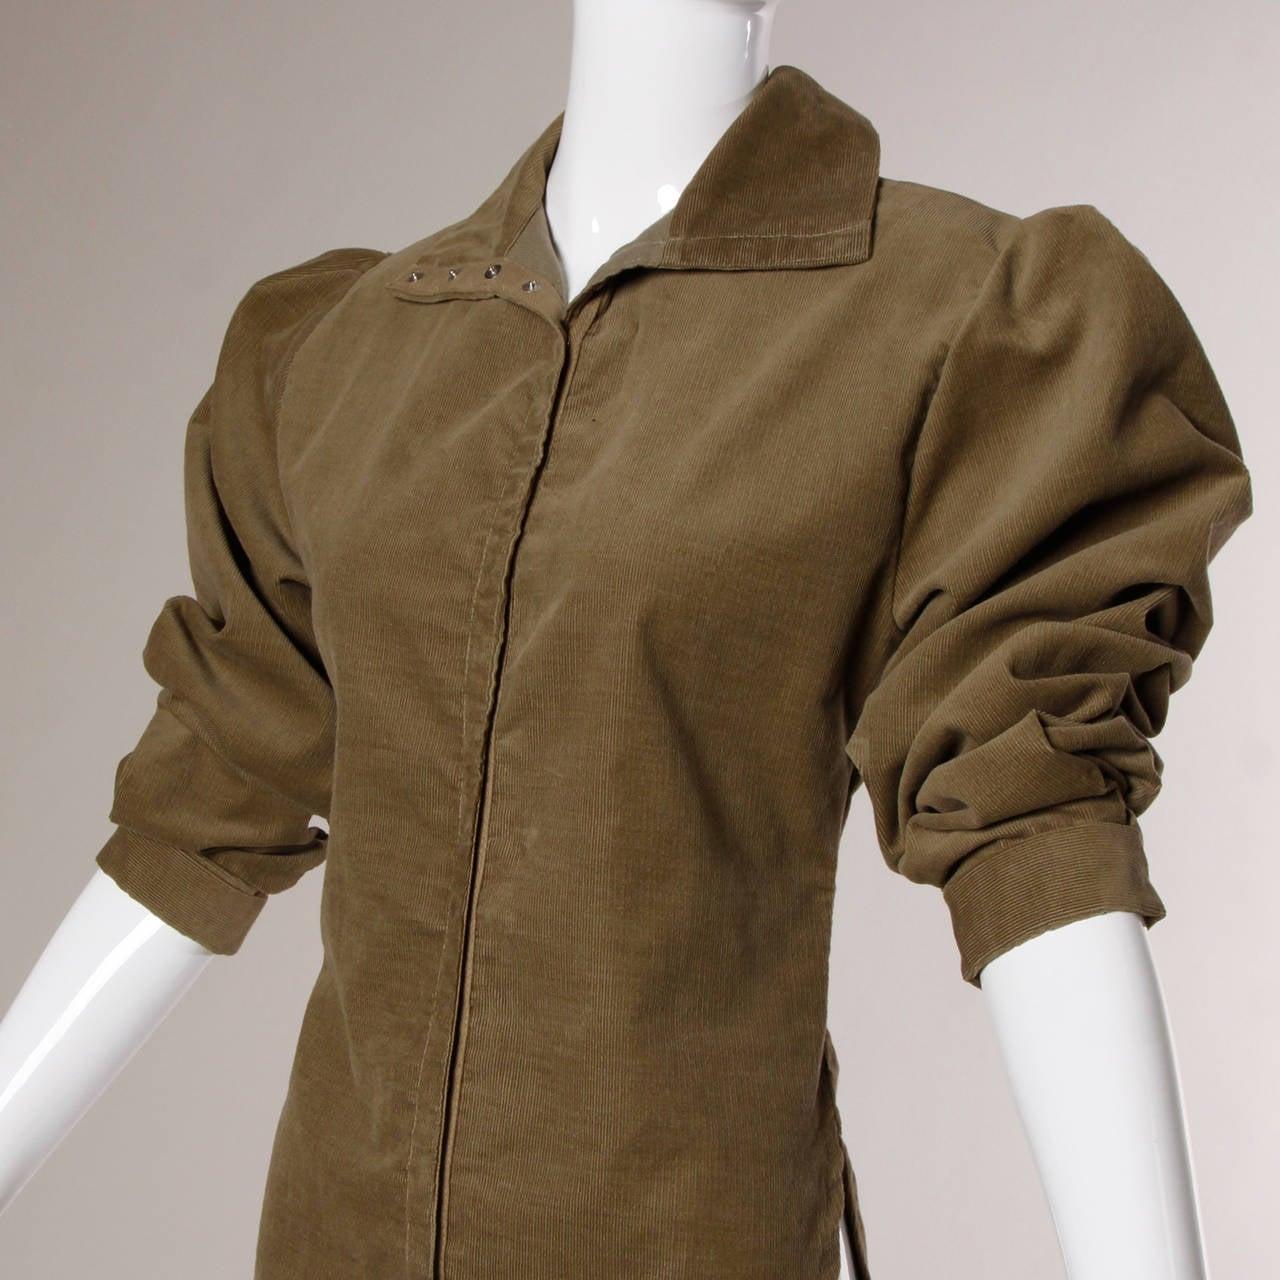 Norma Kamali Vintage Avant Garde Top or Jacket For Sale 3